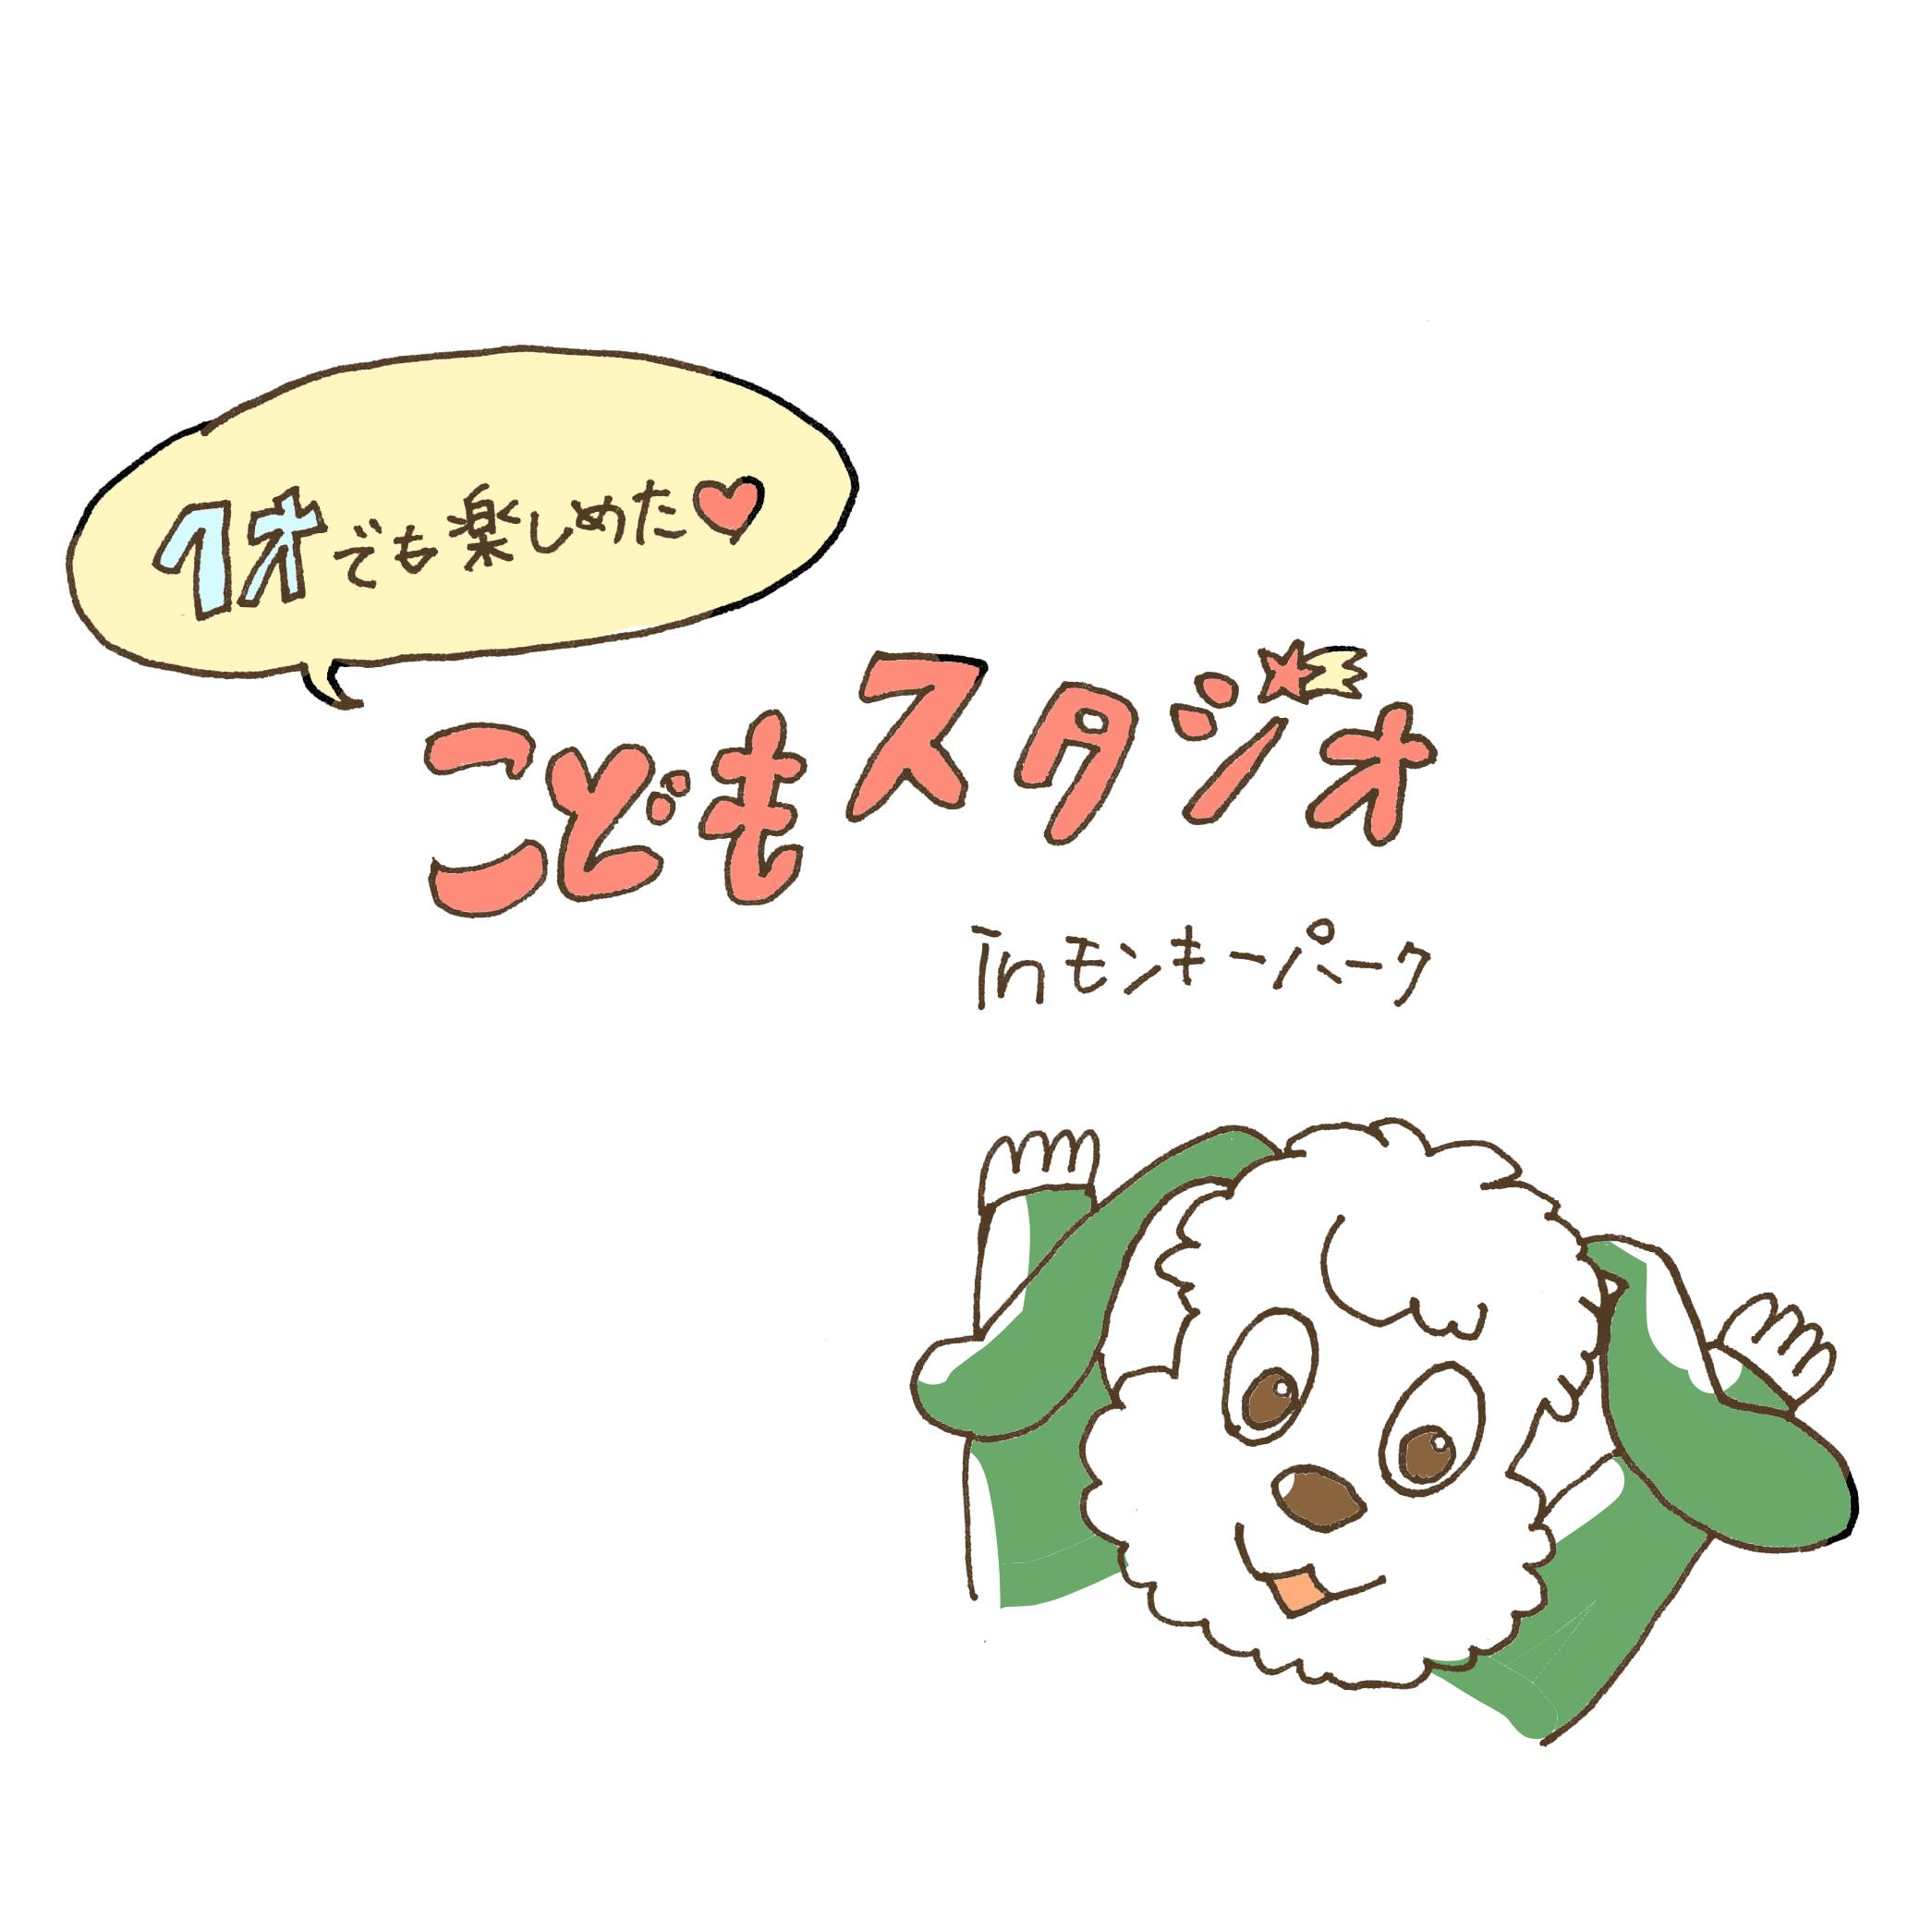 キャラクター イラスト 描き方